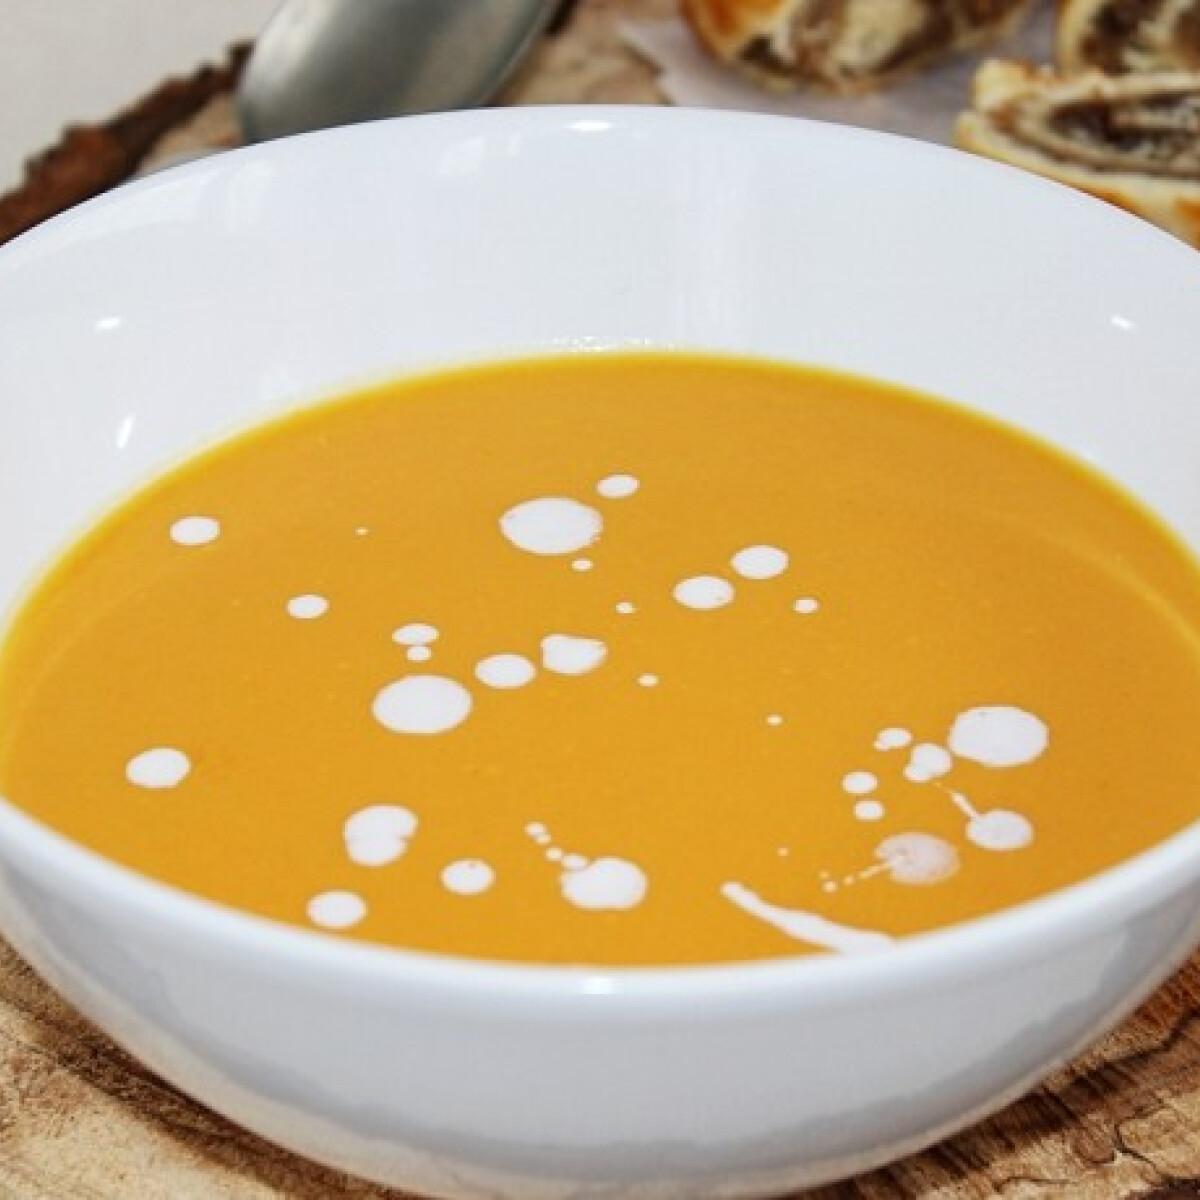 Ezen a képen: Gyömbéres-narancsos sütőtökkrémleves